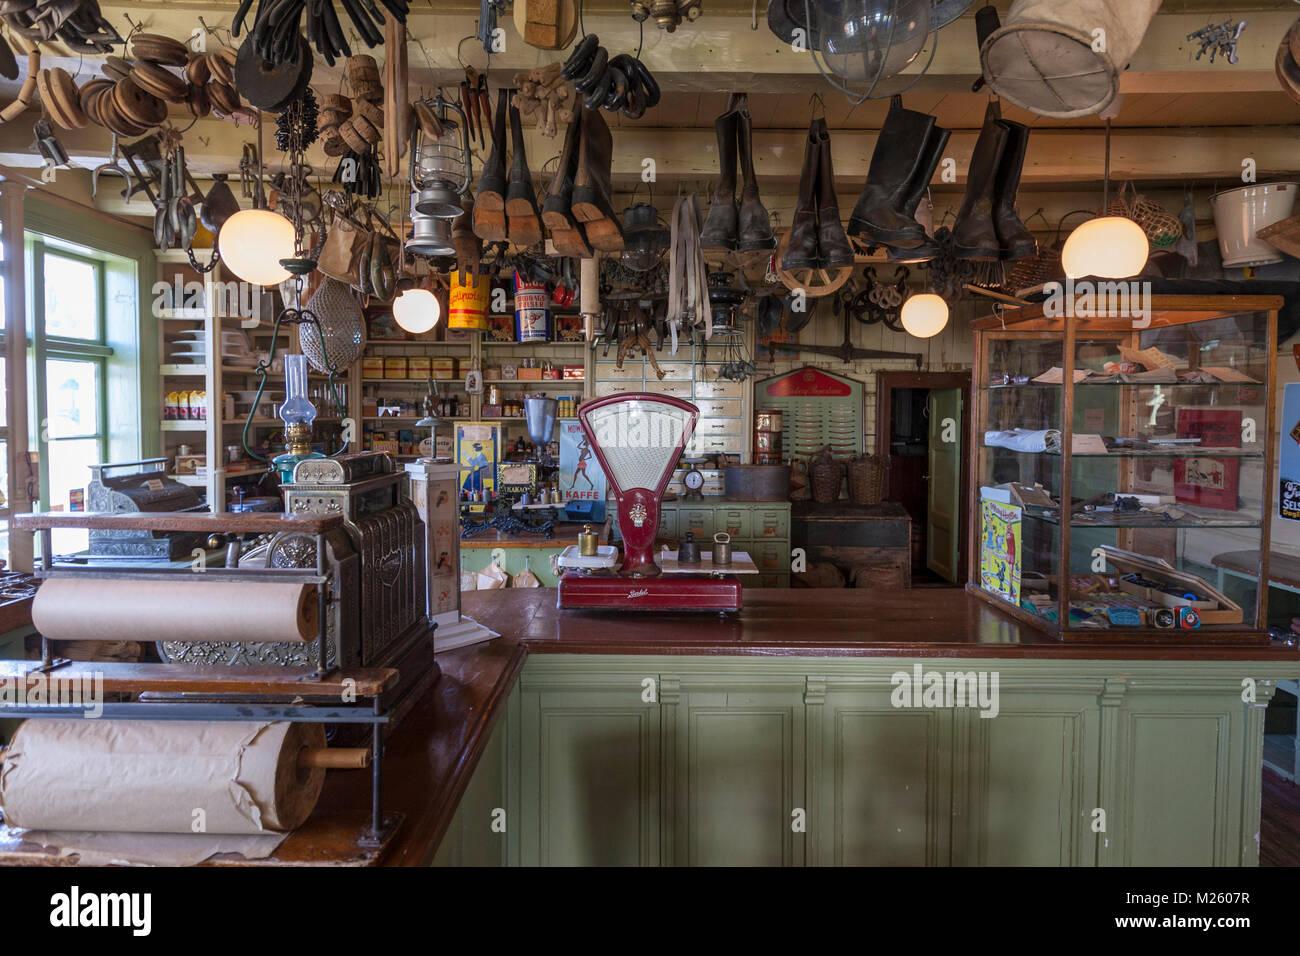 Multi store shop con ambiente vintage a Svolvaer, isola di Austvågøya, arcipelago delle Lofoten. La Norvegia. Immagini Stock